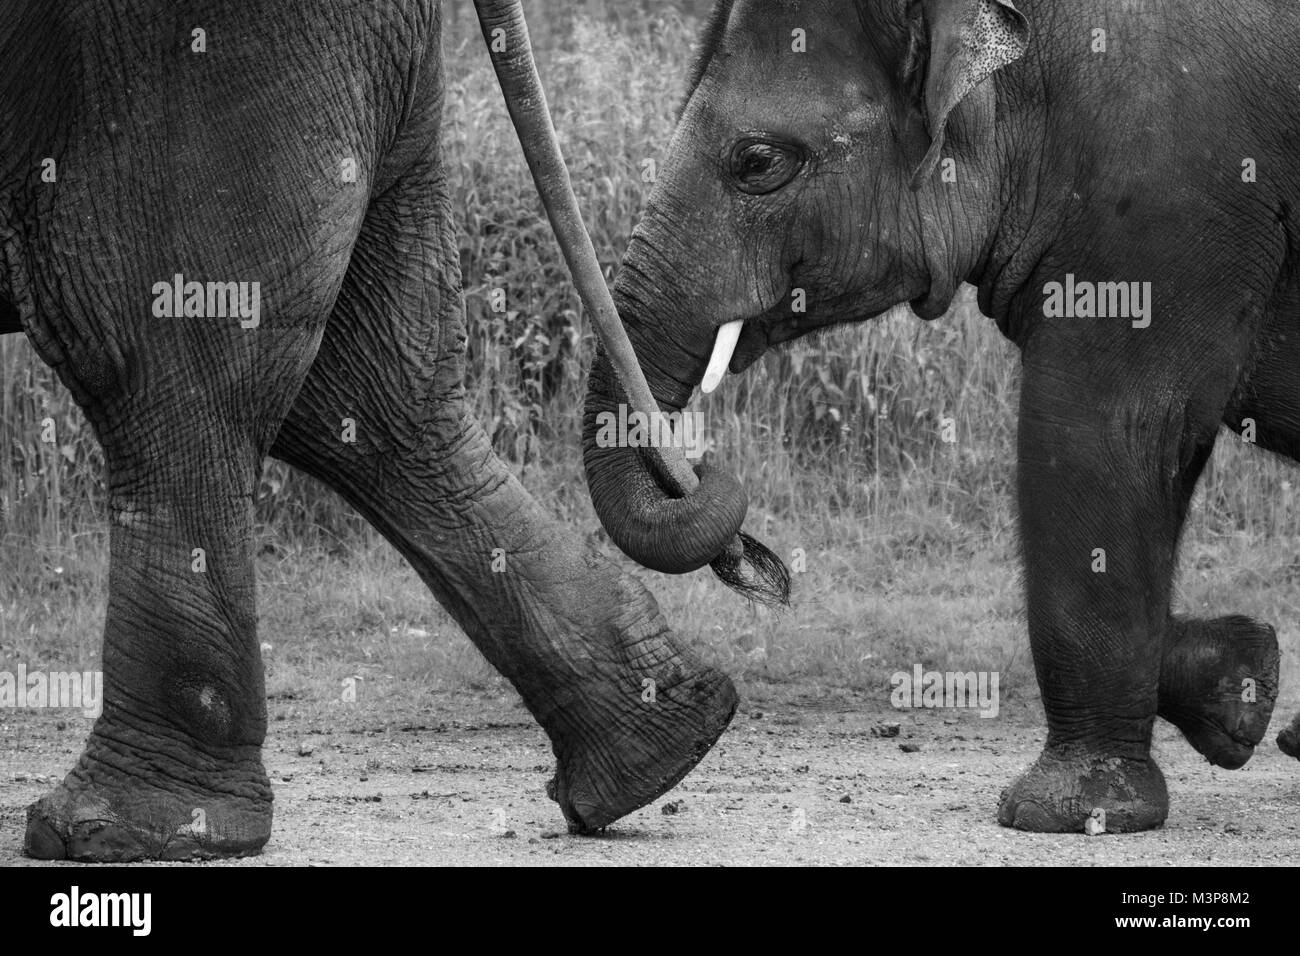 L'éléphant d'Asie au ZSL zoo de Whipsnade Photo Stock